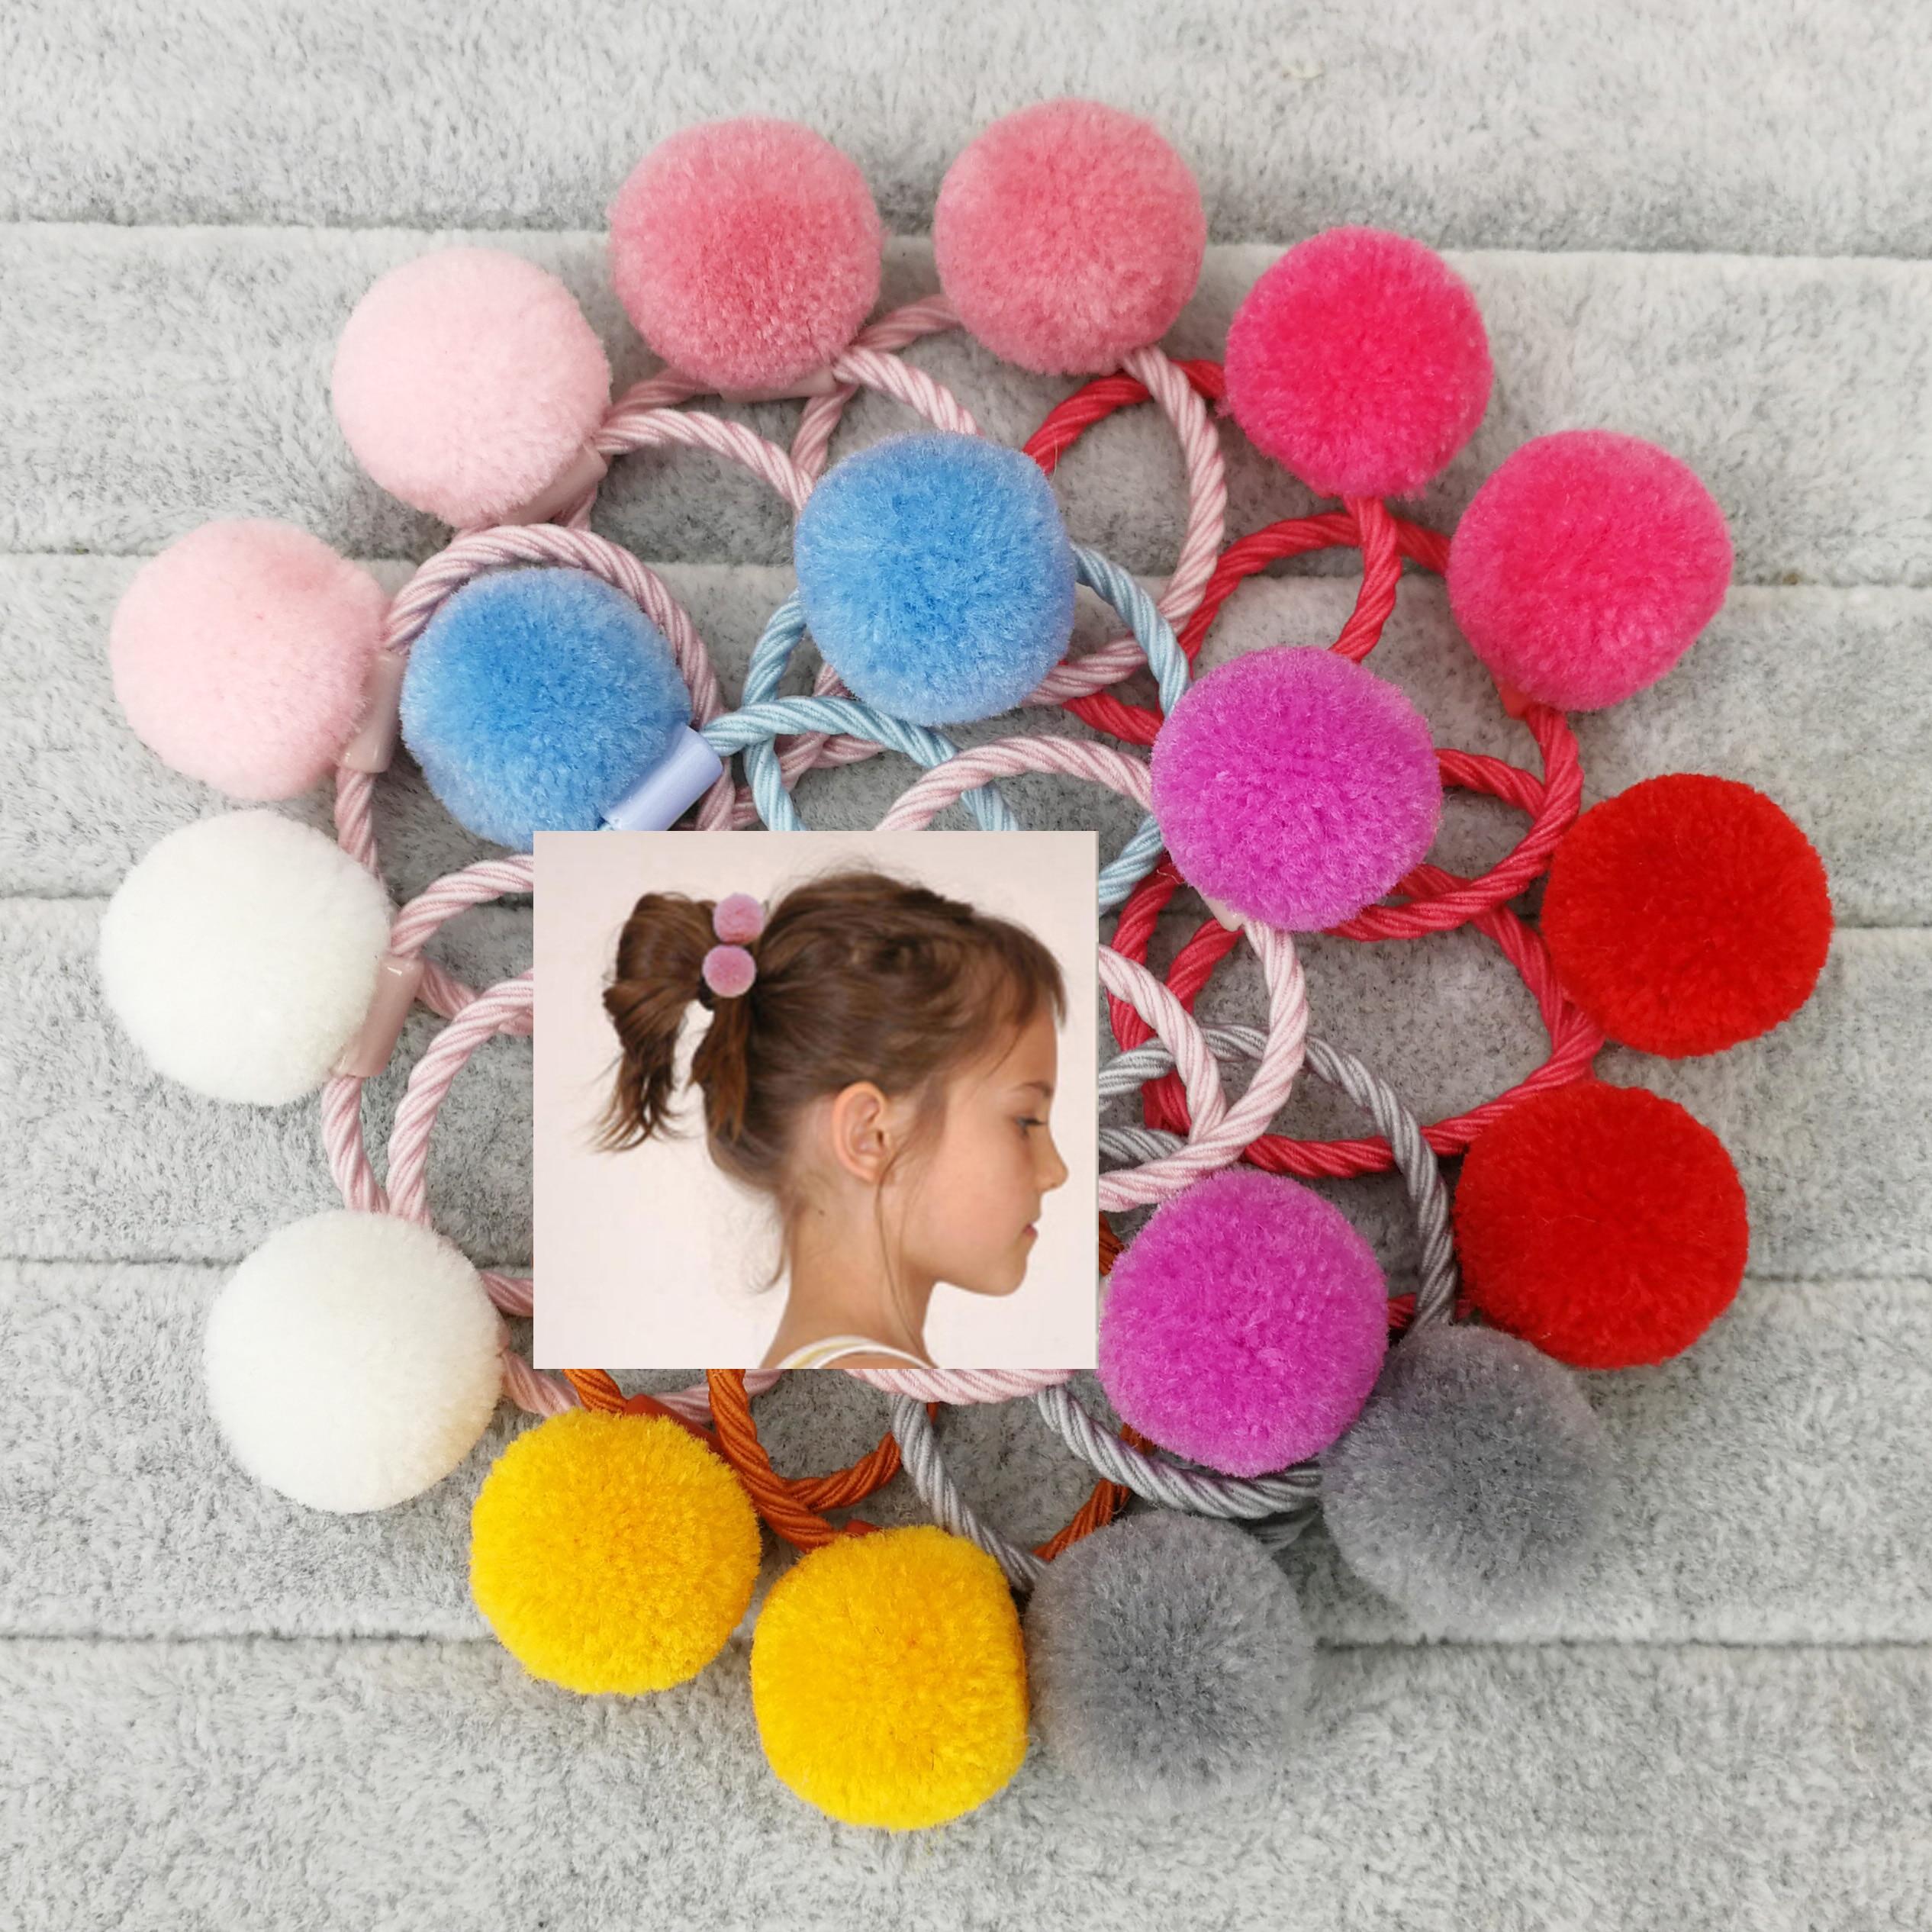 Милые резинки для волос с двумя меховыми помпонами, 18 шт., эластичные резинки для волос для маленьких девочек, ручная работа, меховые шарики, ...